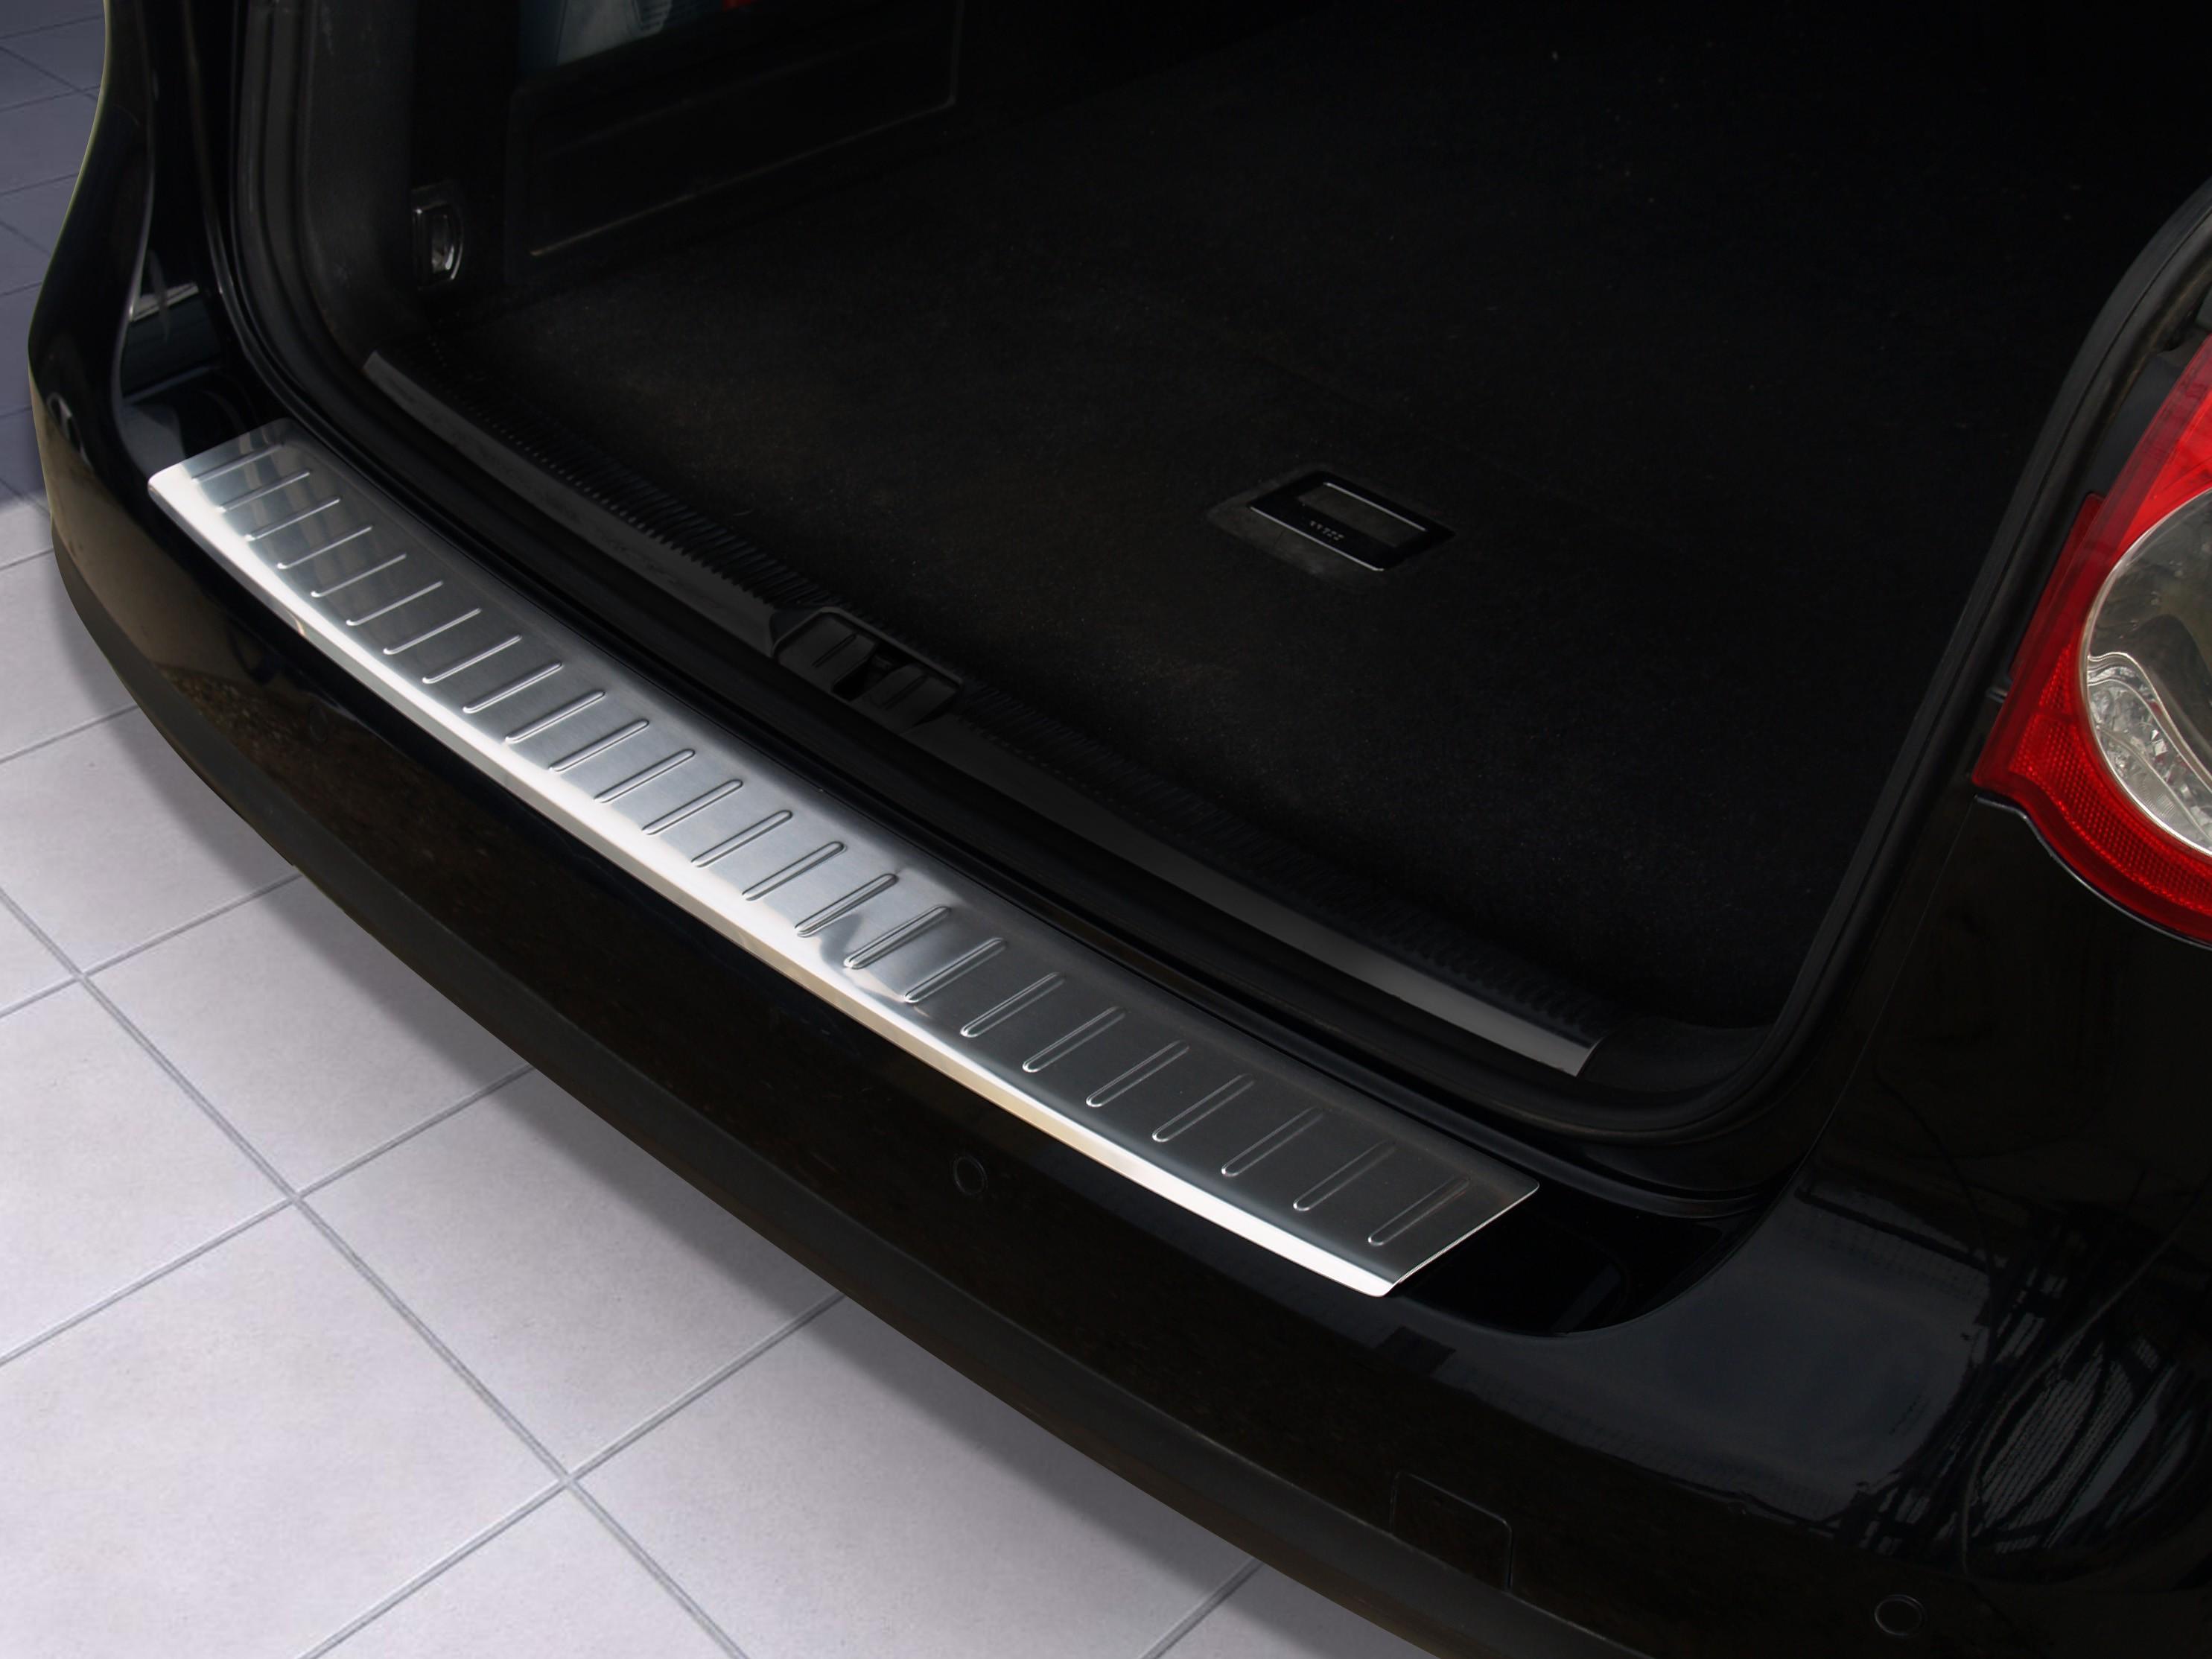 Volkswagen PASSAT B6 Variant ribs profiled 2005-2010